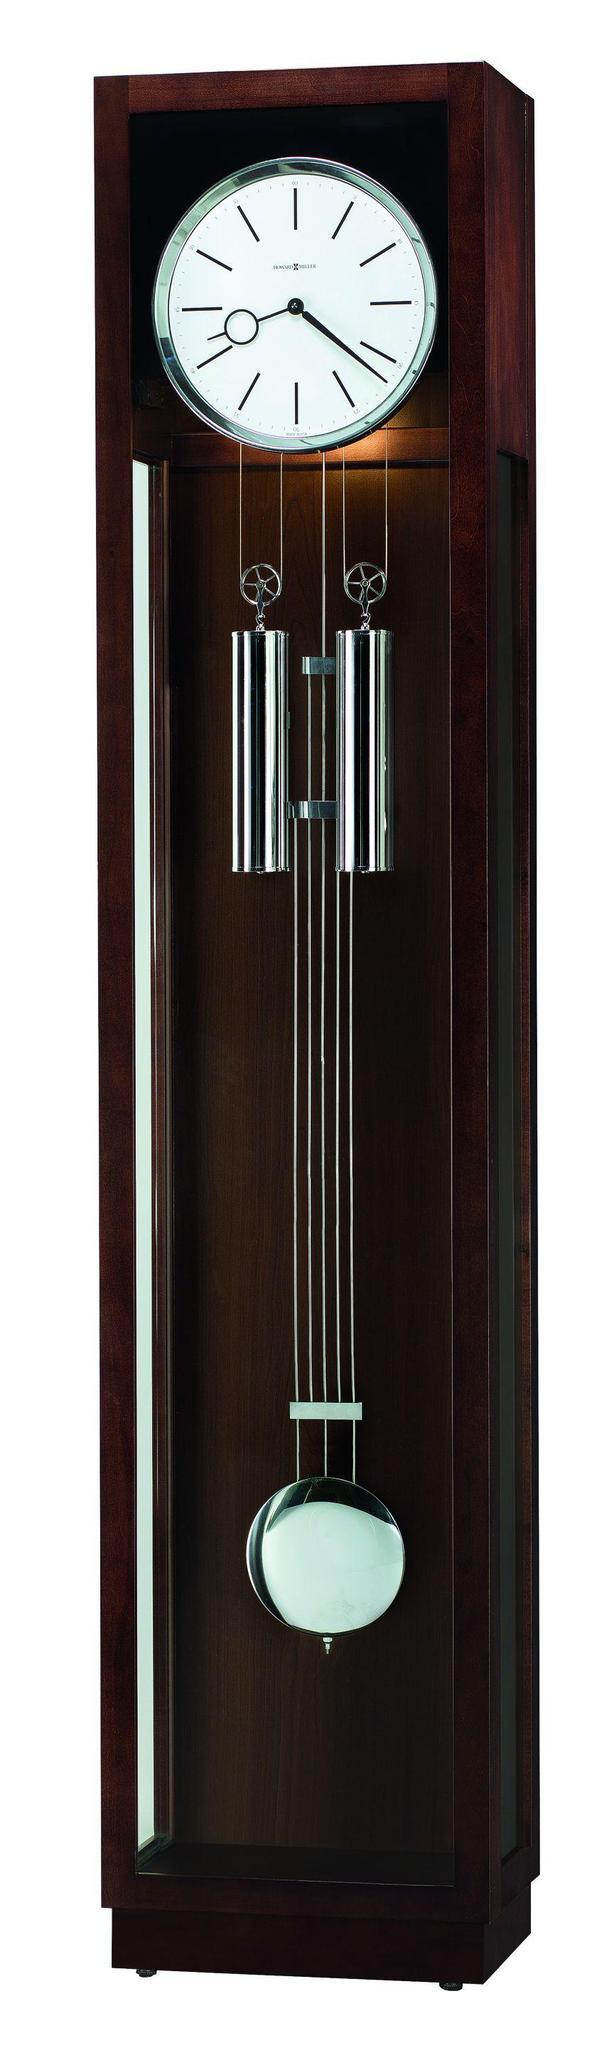 Напольные часы Howard Miller 611-220